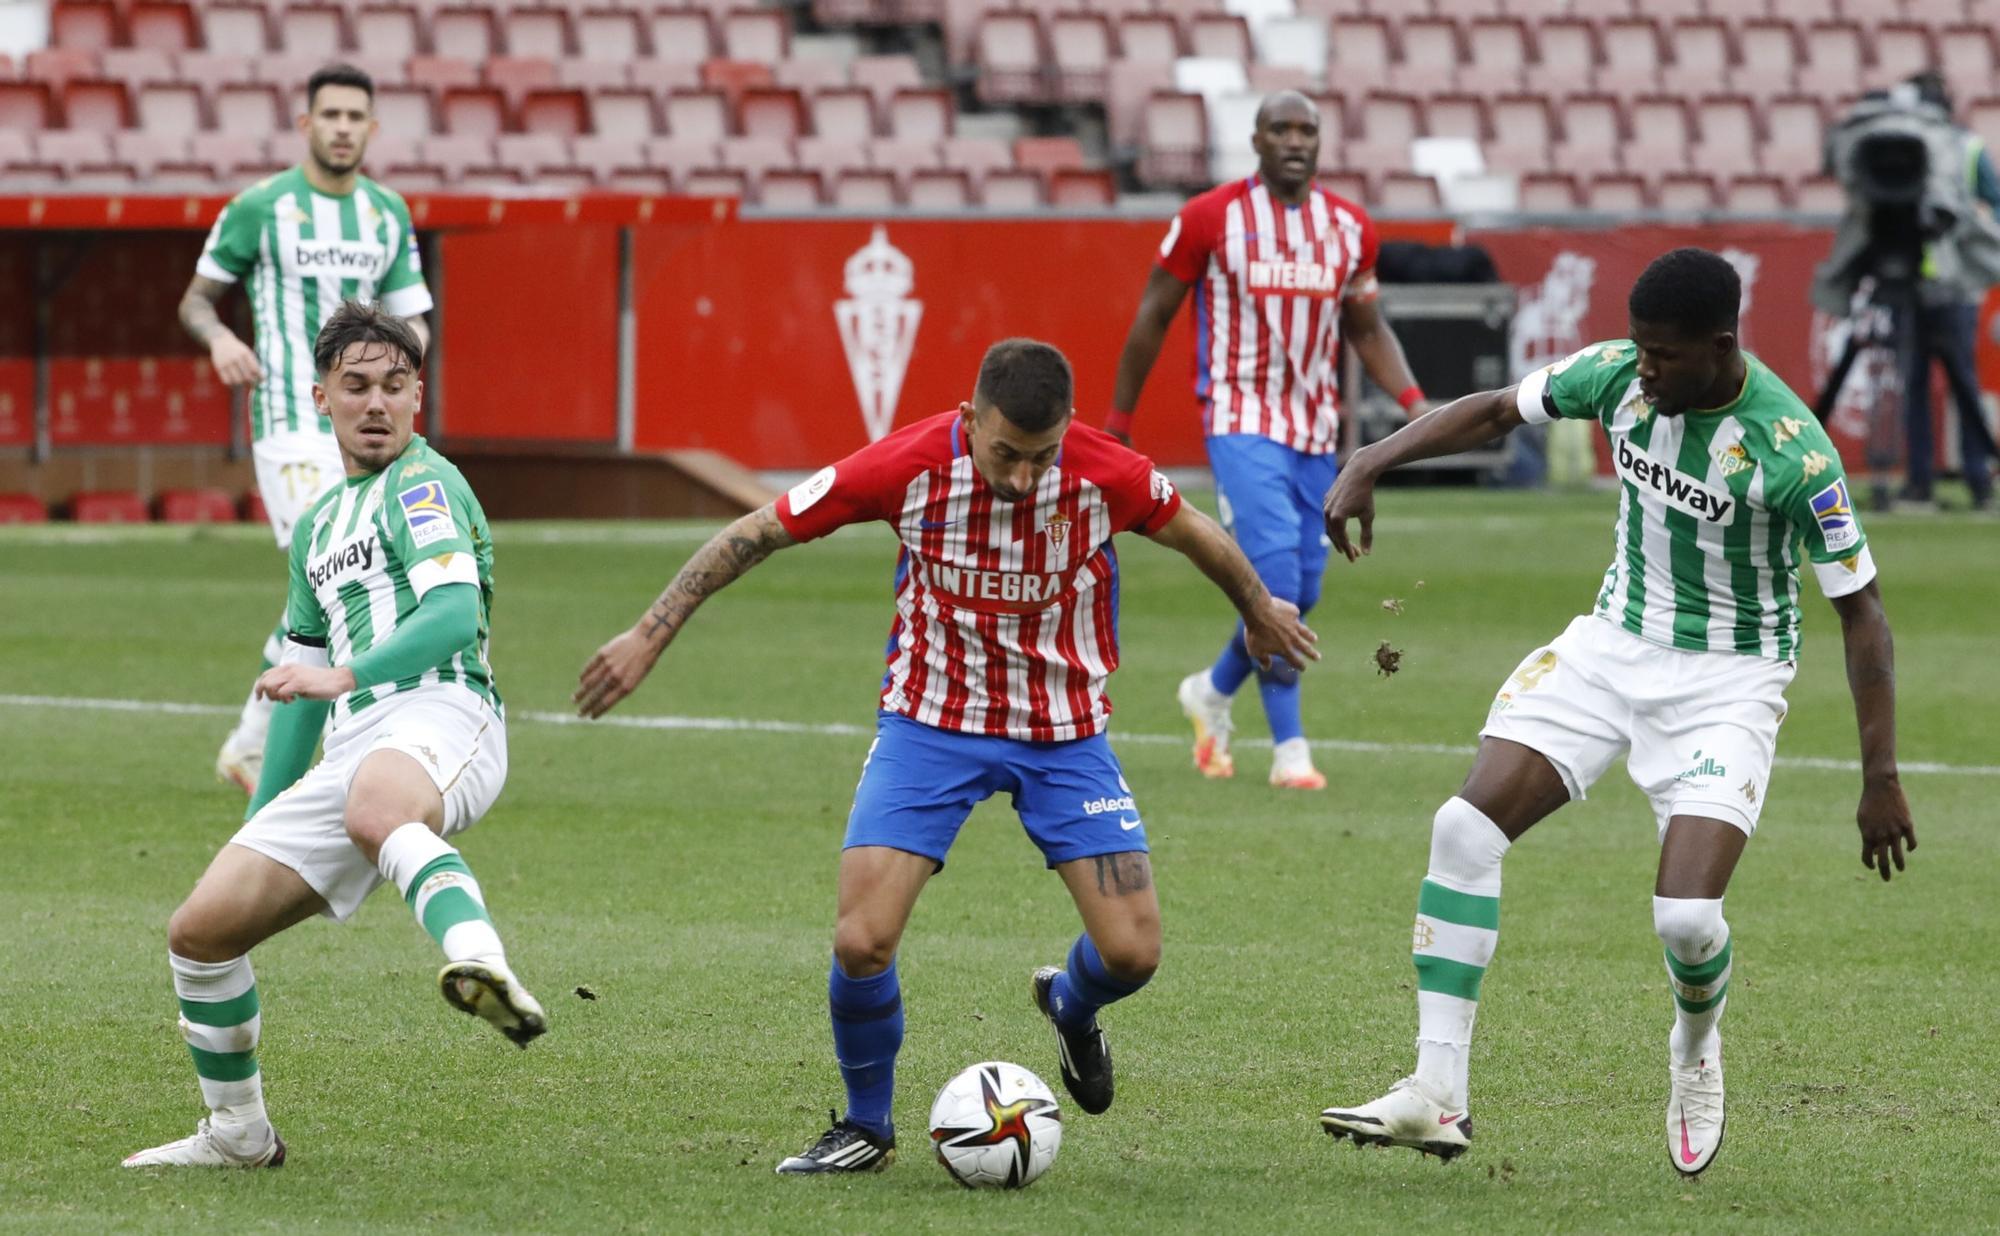 Sporting - Betis, en imágenes